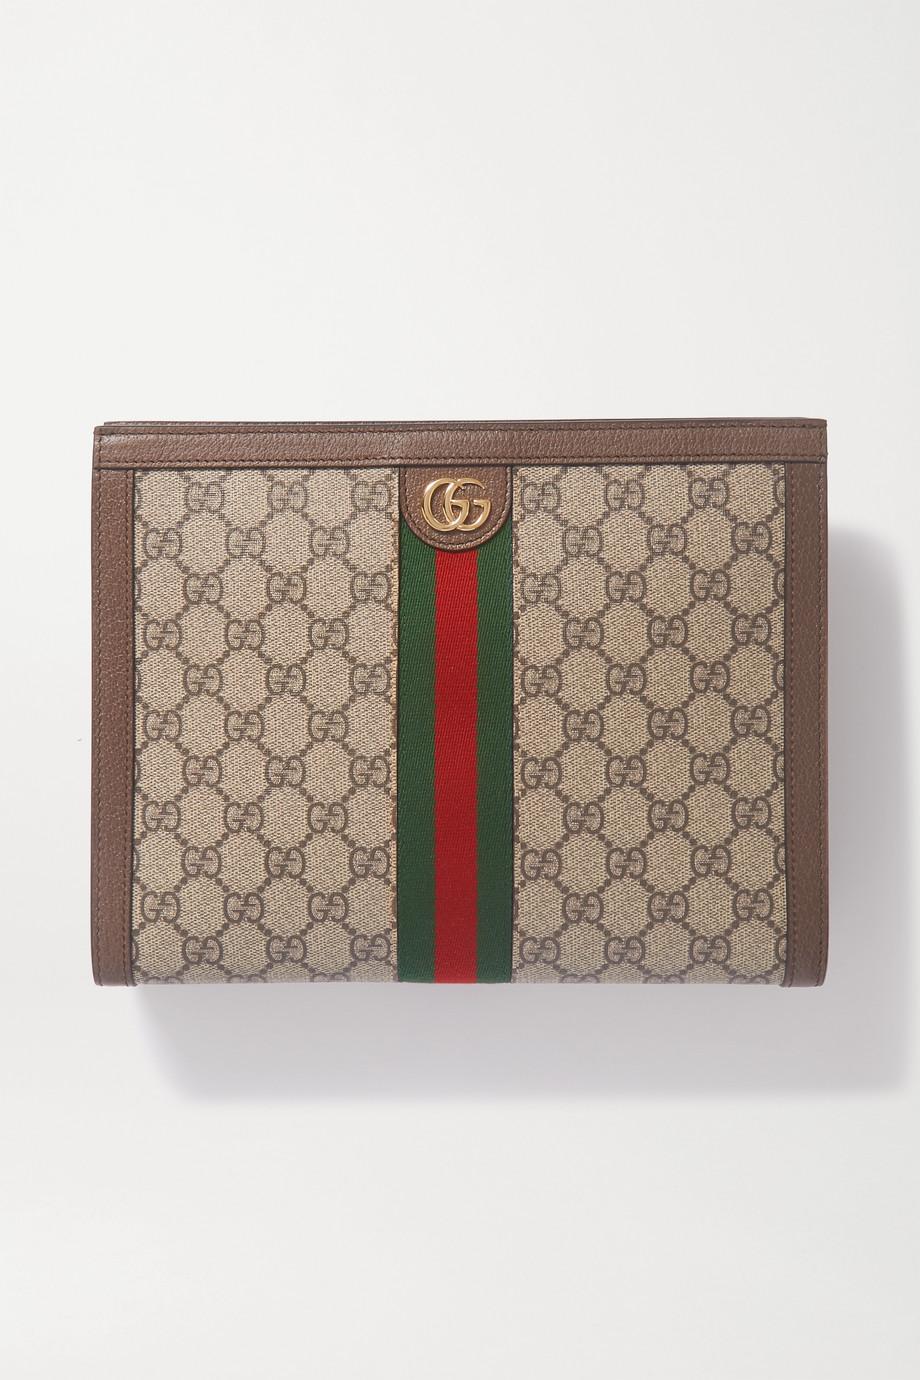 Gucci Pochette en toile enduite imprimée et en cuir texturé Ophidia